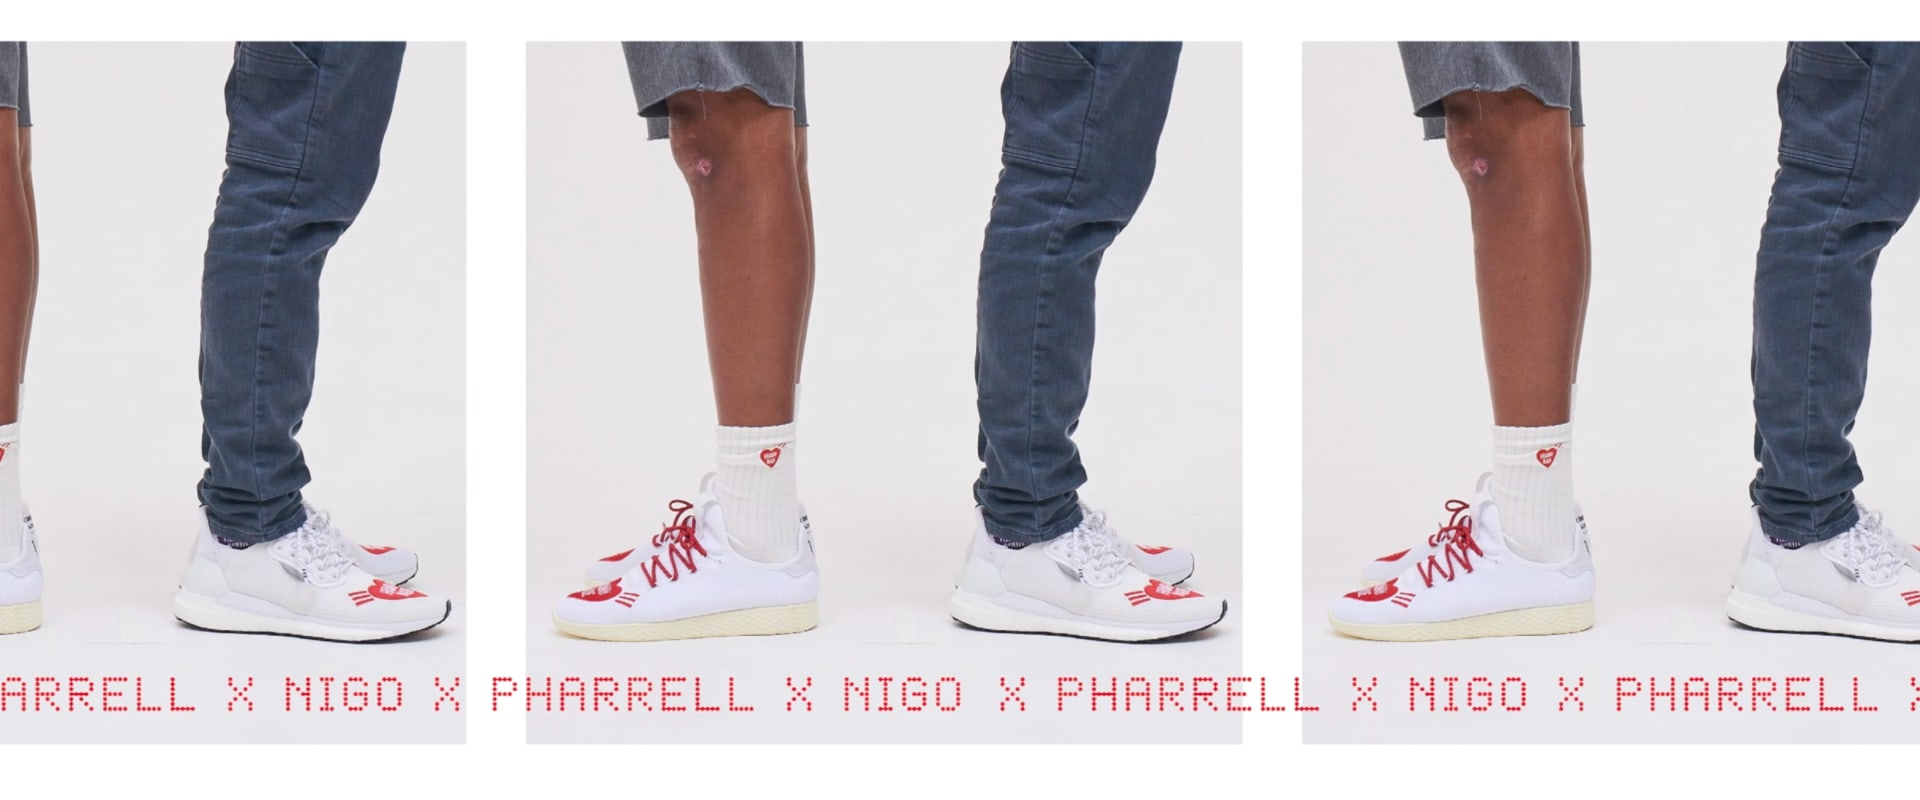 najlepsza strona internetowa autentyczny gorąca sprzedaż online adidas by Pharrell Williams | adidas PL